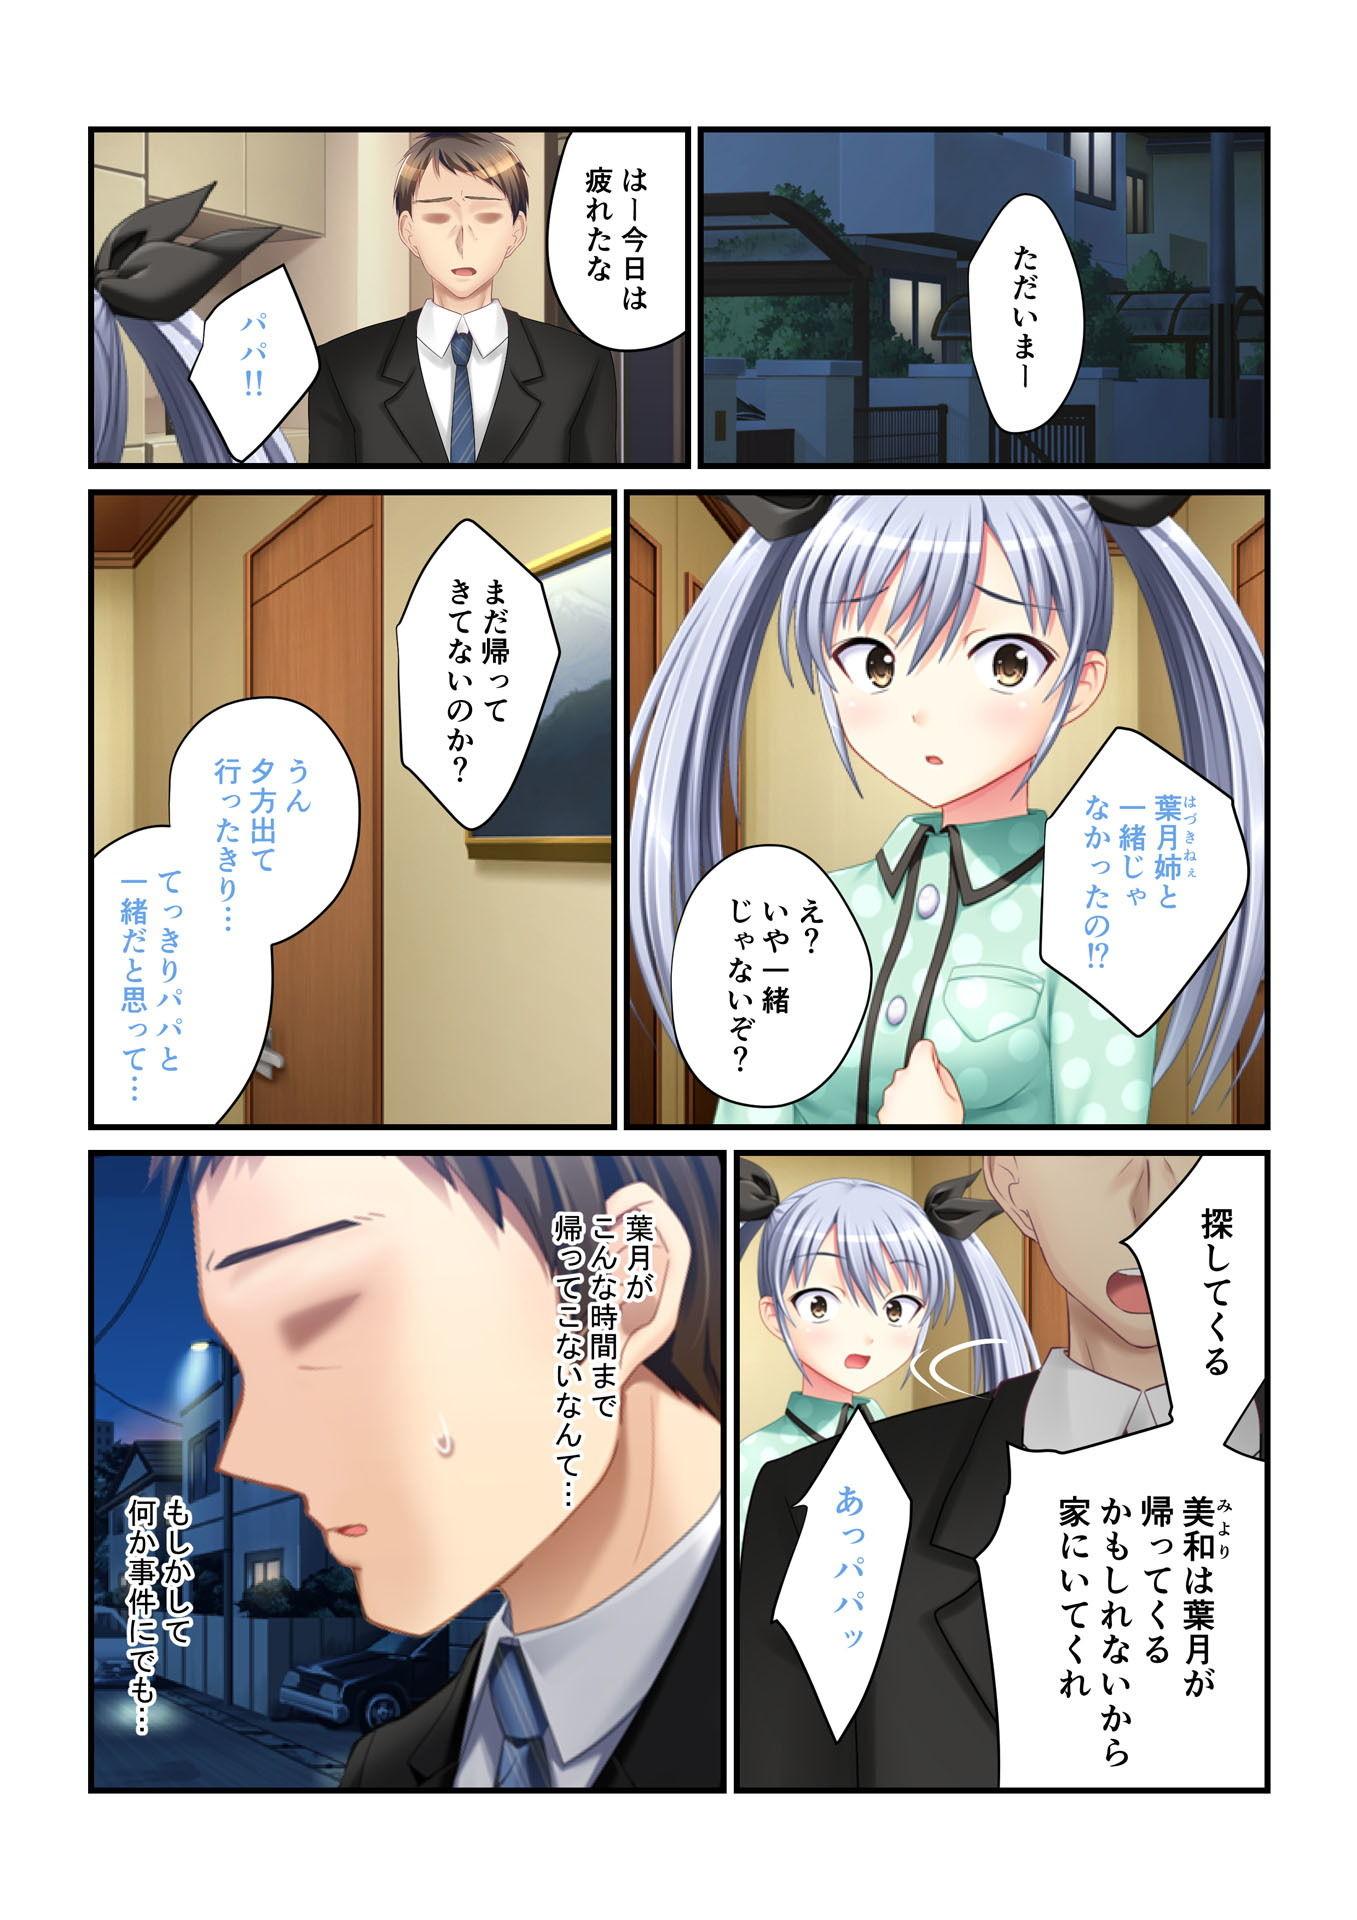 【どろっぷす! 同人】パパ活ハーレム義娘JKたちのエッチな誘惑(5)フルカラーコミック版